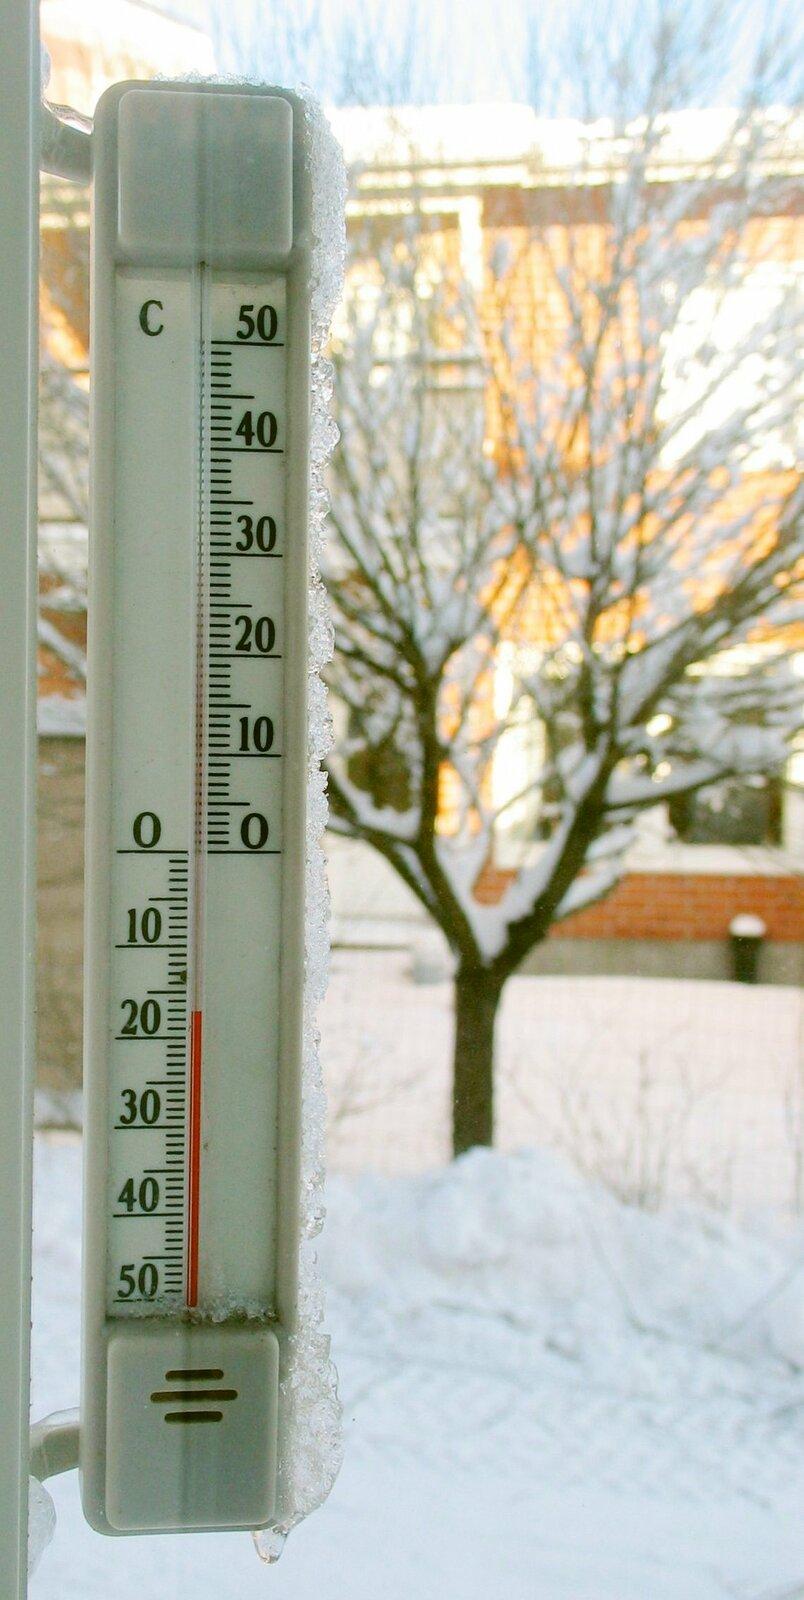 Fotografia przedstawia termometr, który umocowany jest po zewnętrznej stronie okna. Termometr okienny służy do pomiaru temperatury powietrza. Zimowy krajobraz za oknem wskazuje, że temperatura może być niska. Ztermometru można odczytać, że temperatura wynosi około -17°C.